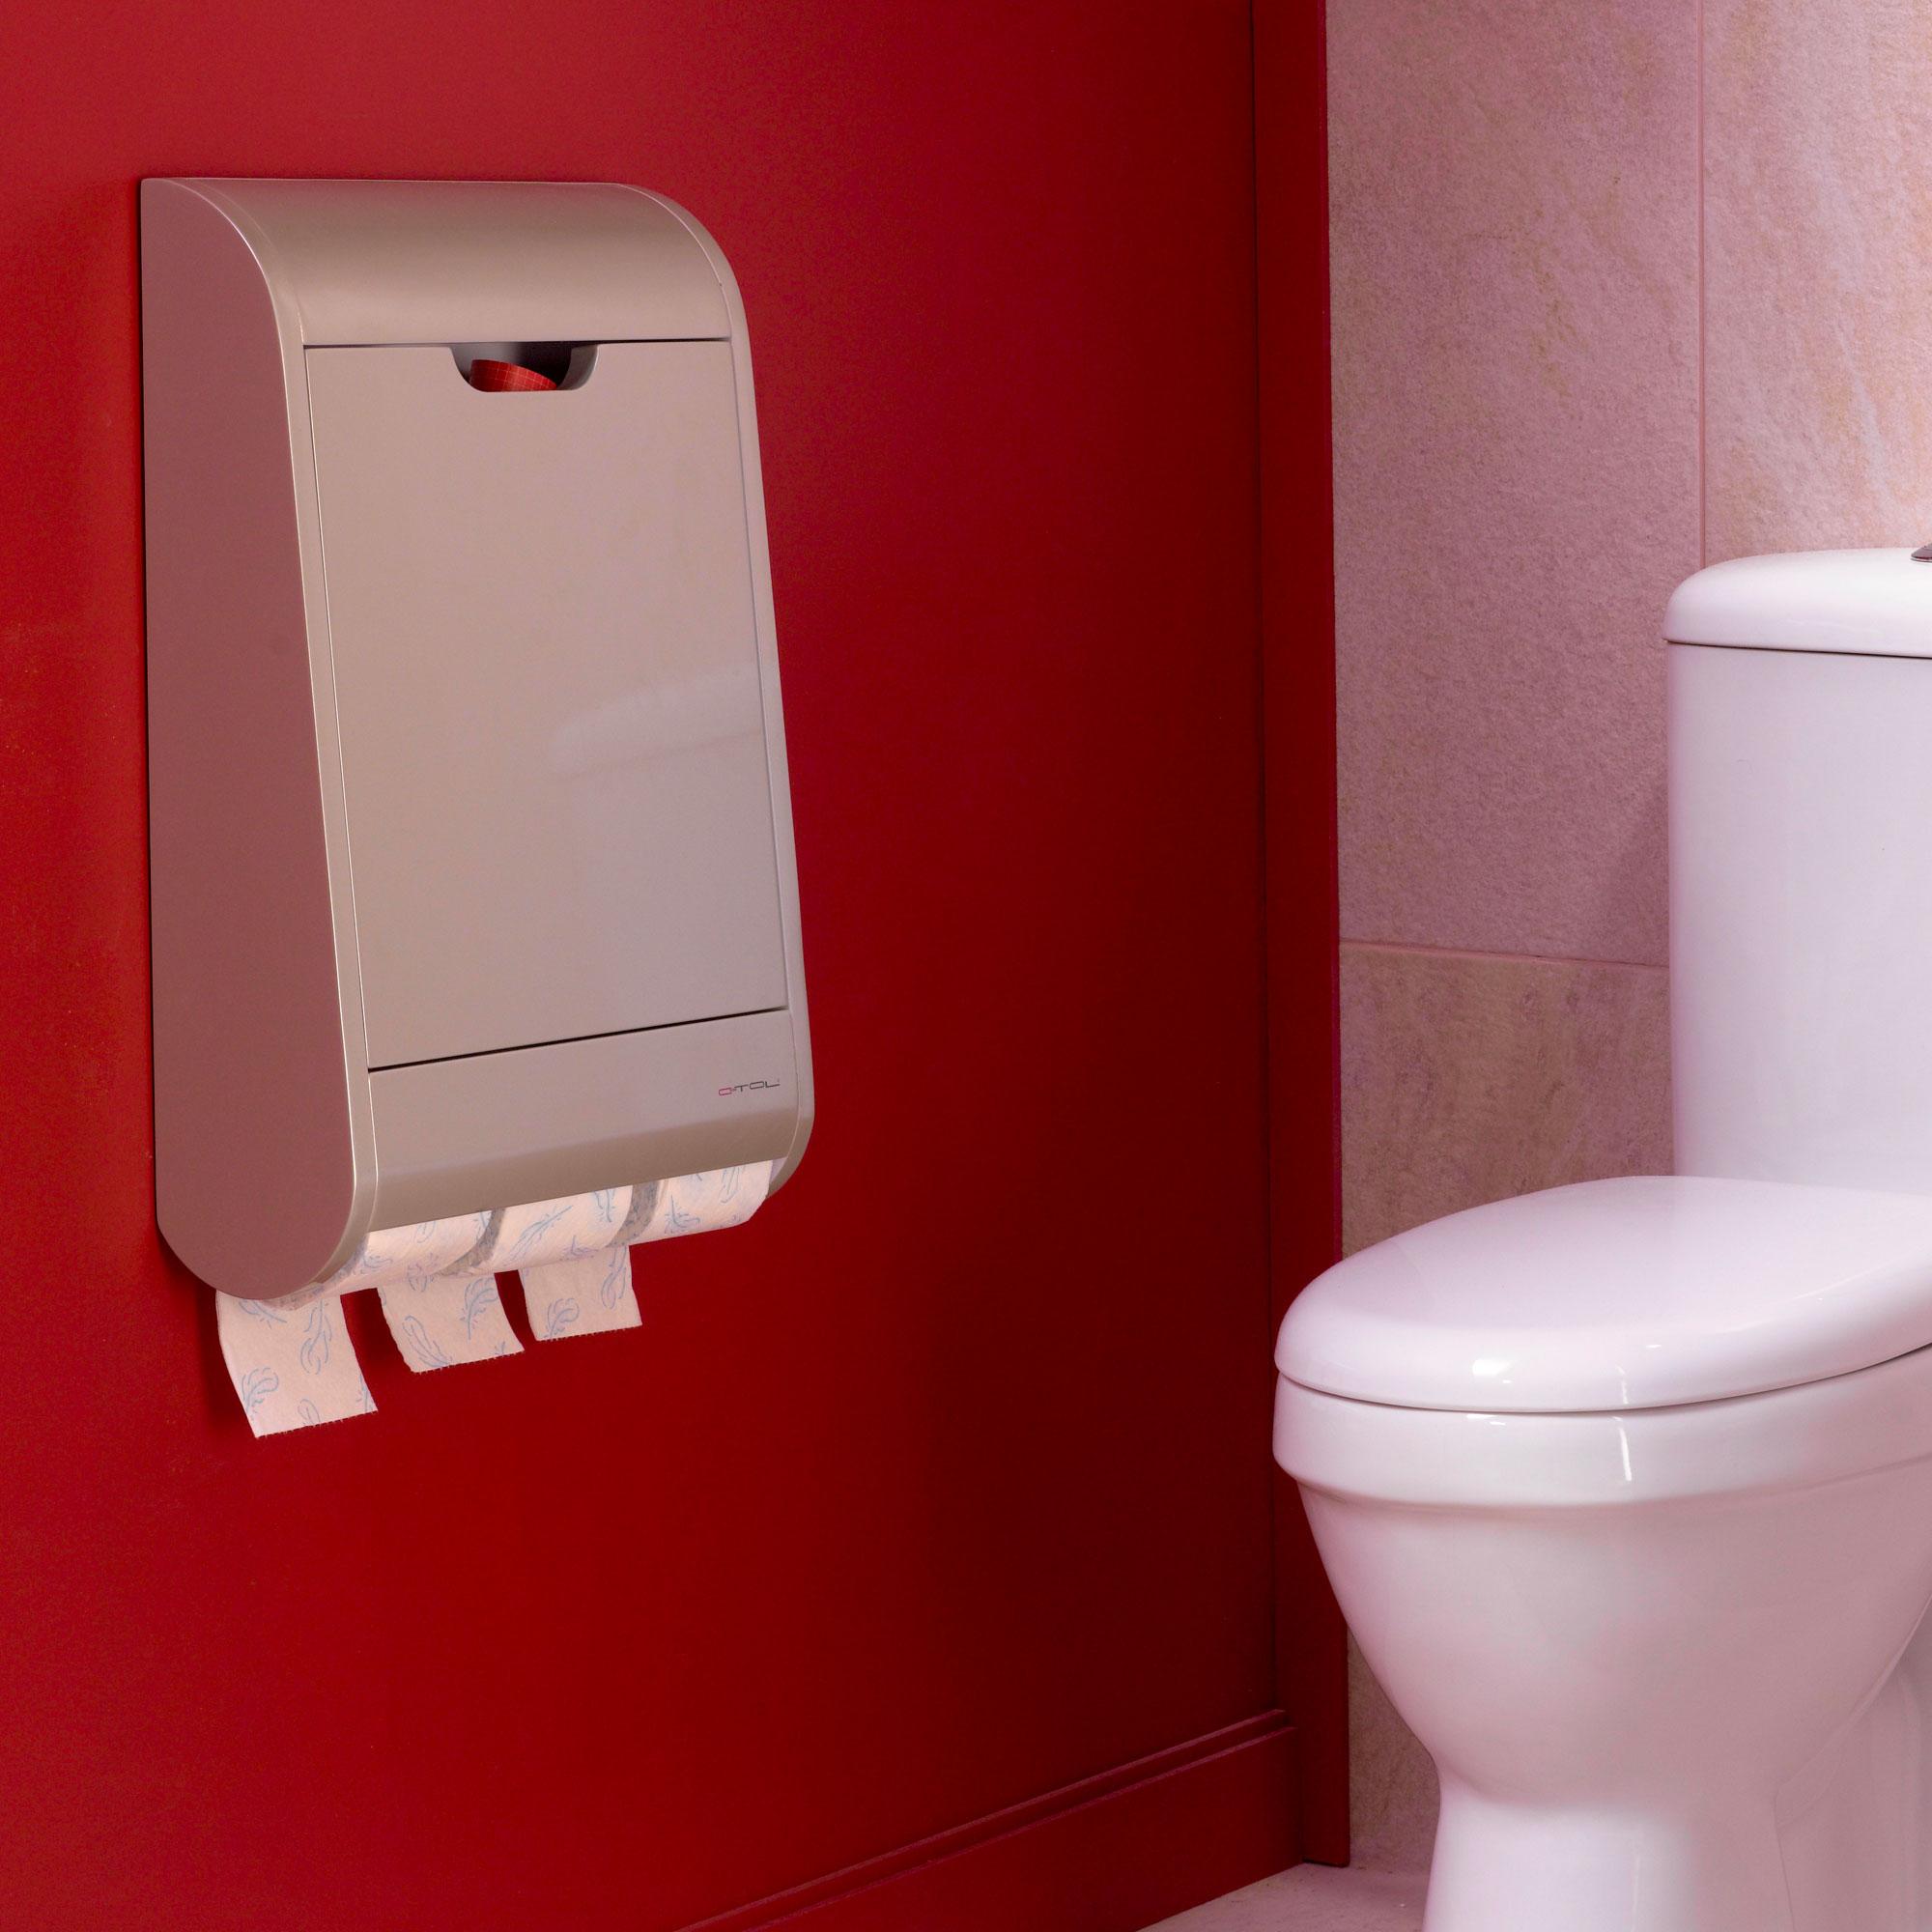 meuble wc multifonction gris frais de traitement de commande offerts acheter ce produit au. Black Bedroom Furniture Sets. Home Design Ideas